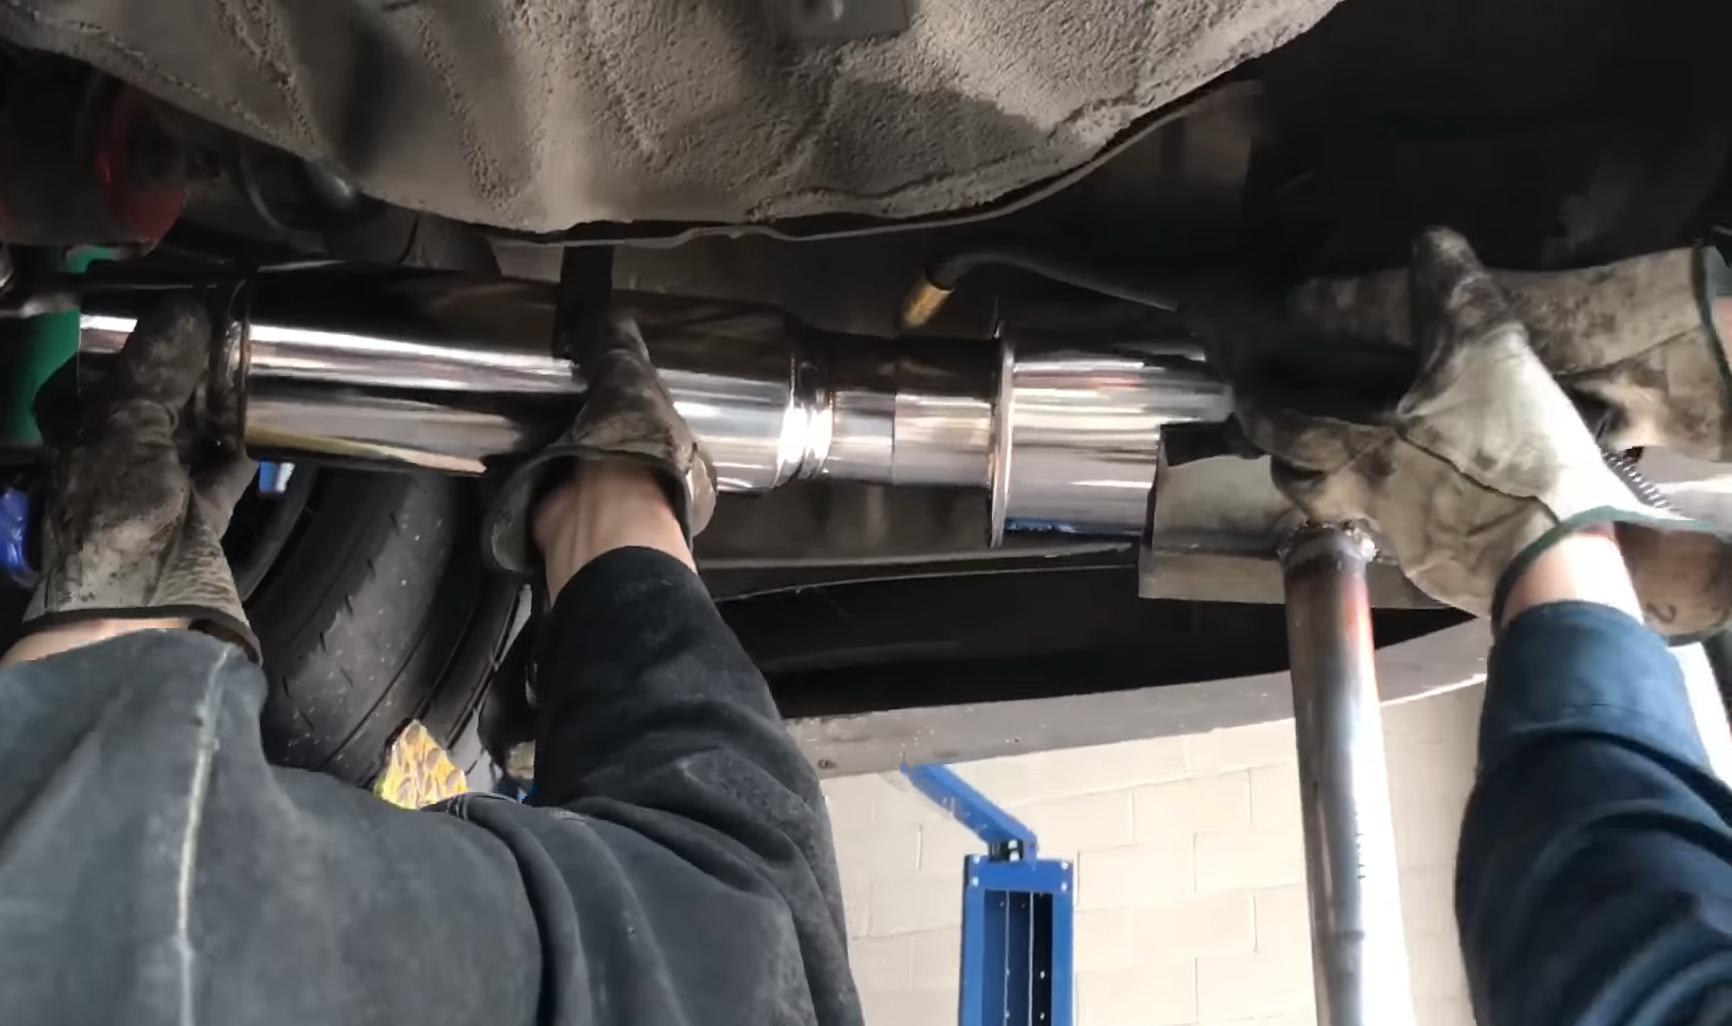 Rezonátor výfuku - na čo slúži a ako motoru prospieva?